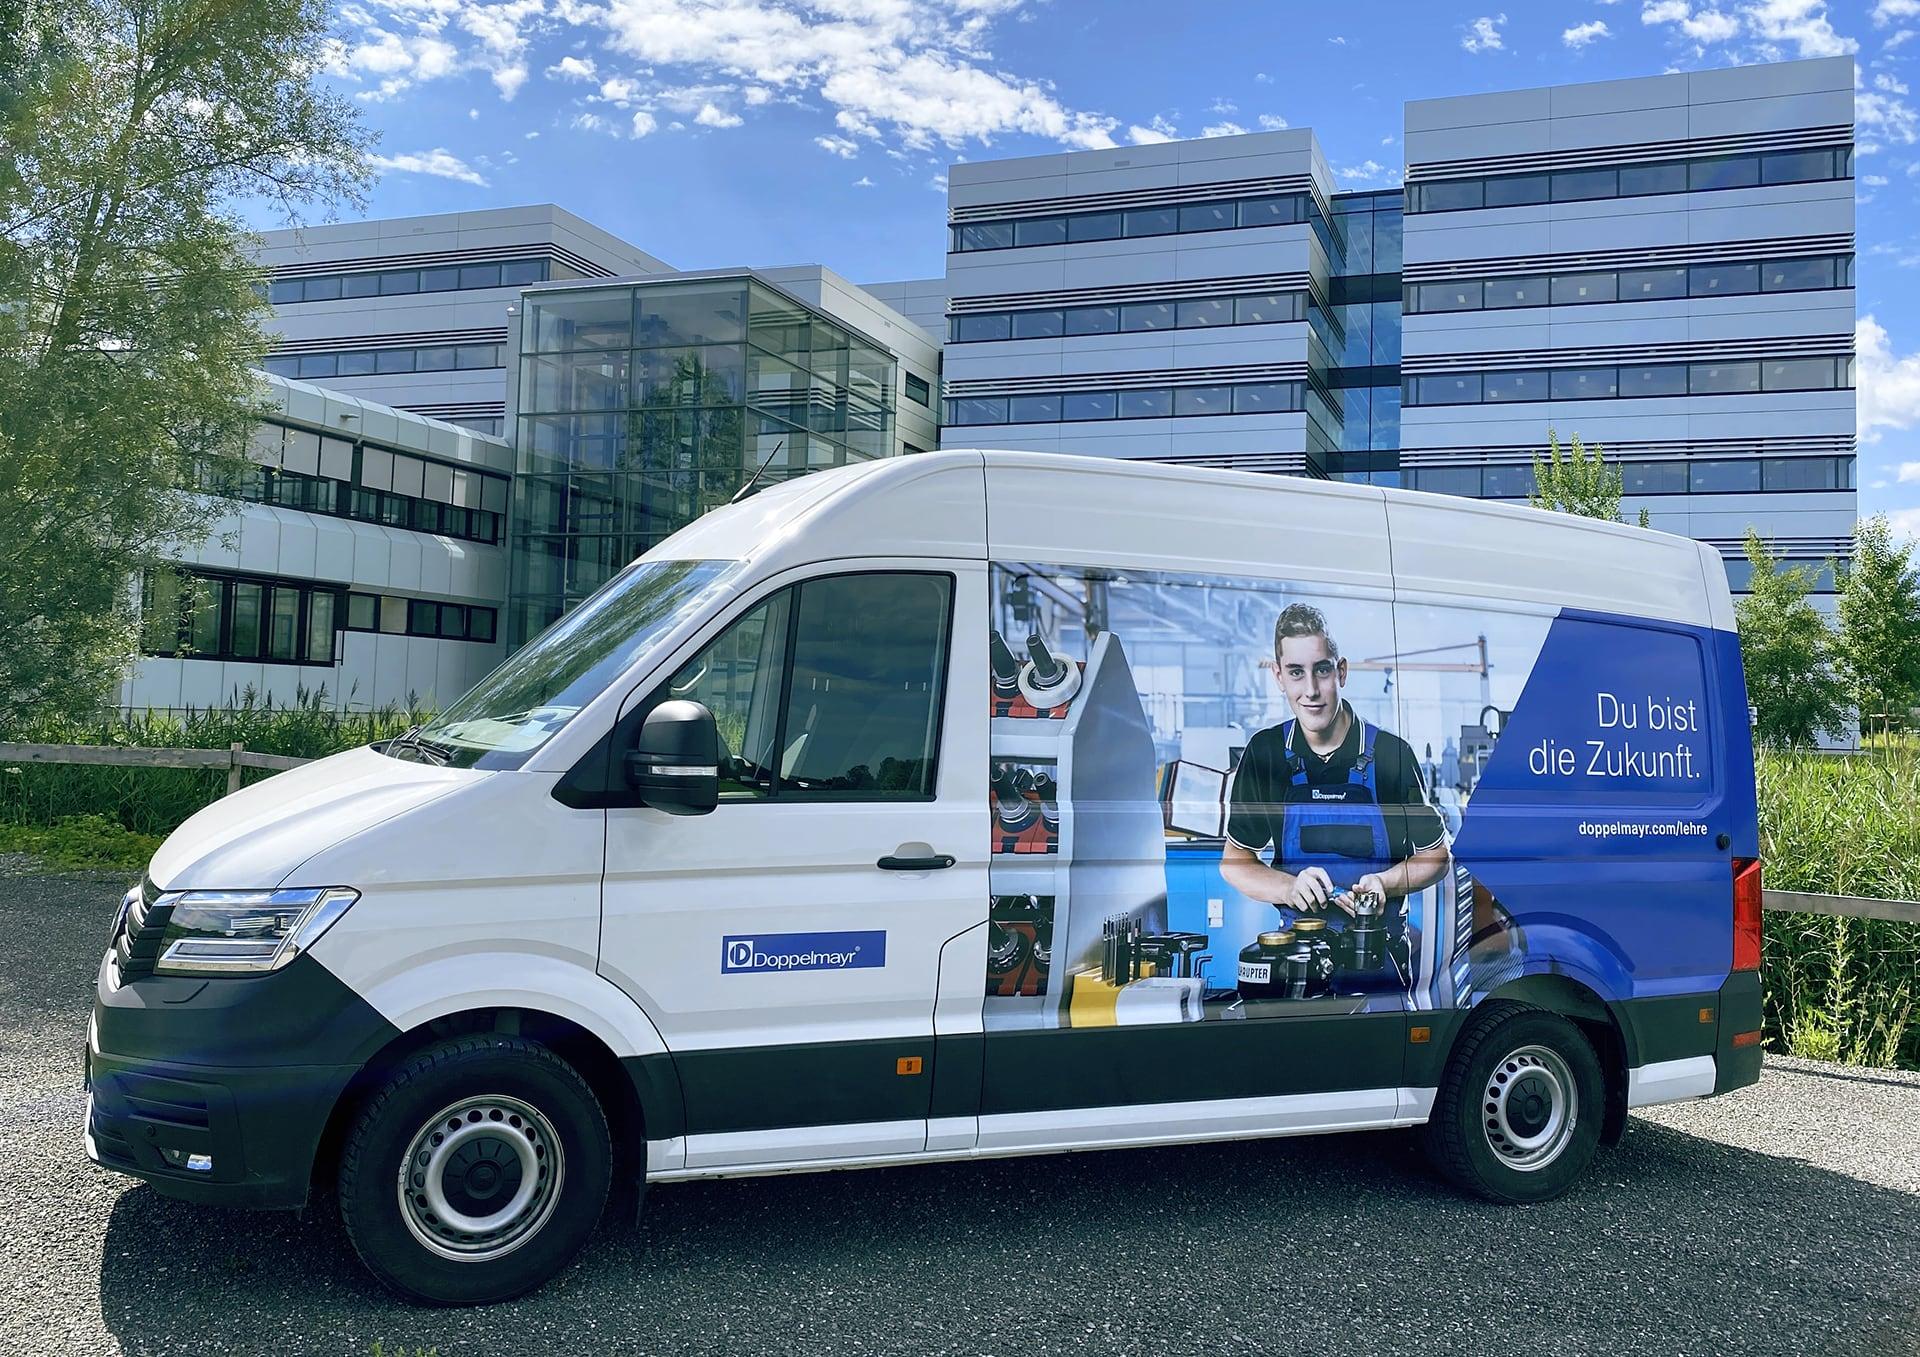 Doppelmayr Lieferwagen mit Lehrlingsbewerbung